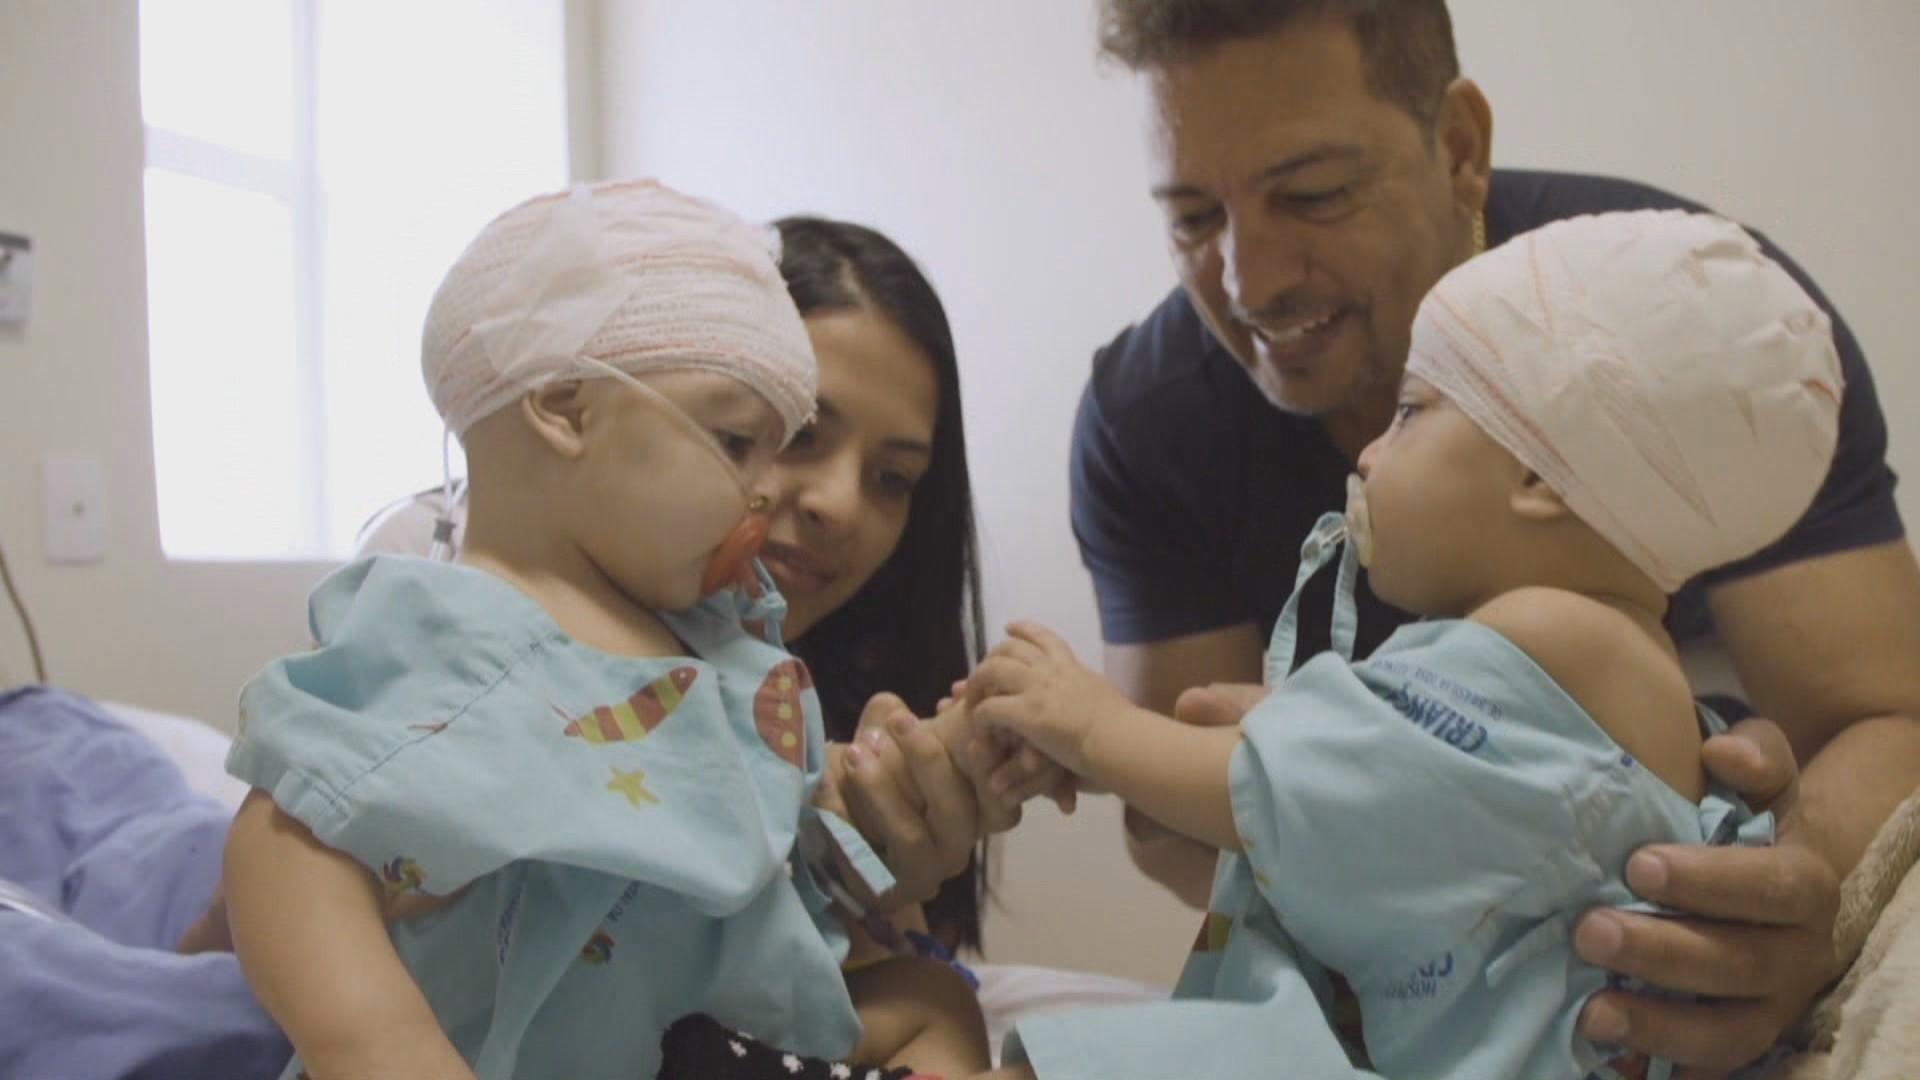 Coronavírus: morre médico norte-americano que orientou cirurgia de separação das irmãs siamesas Lis e Mel